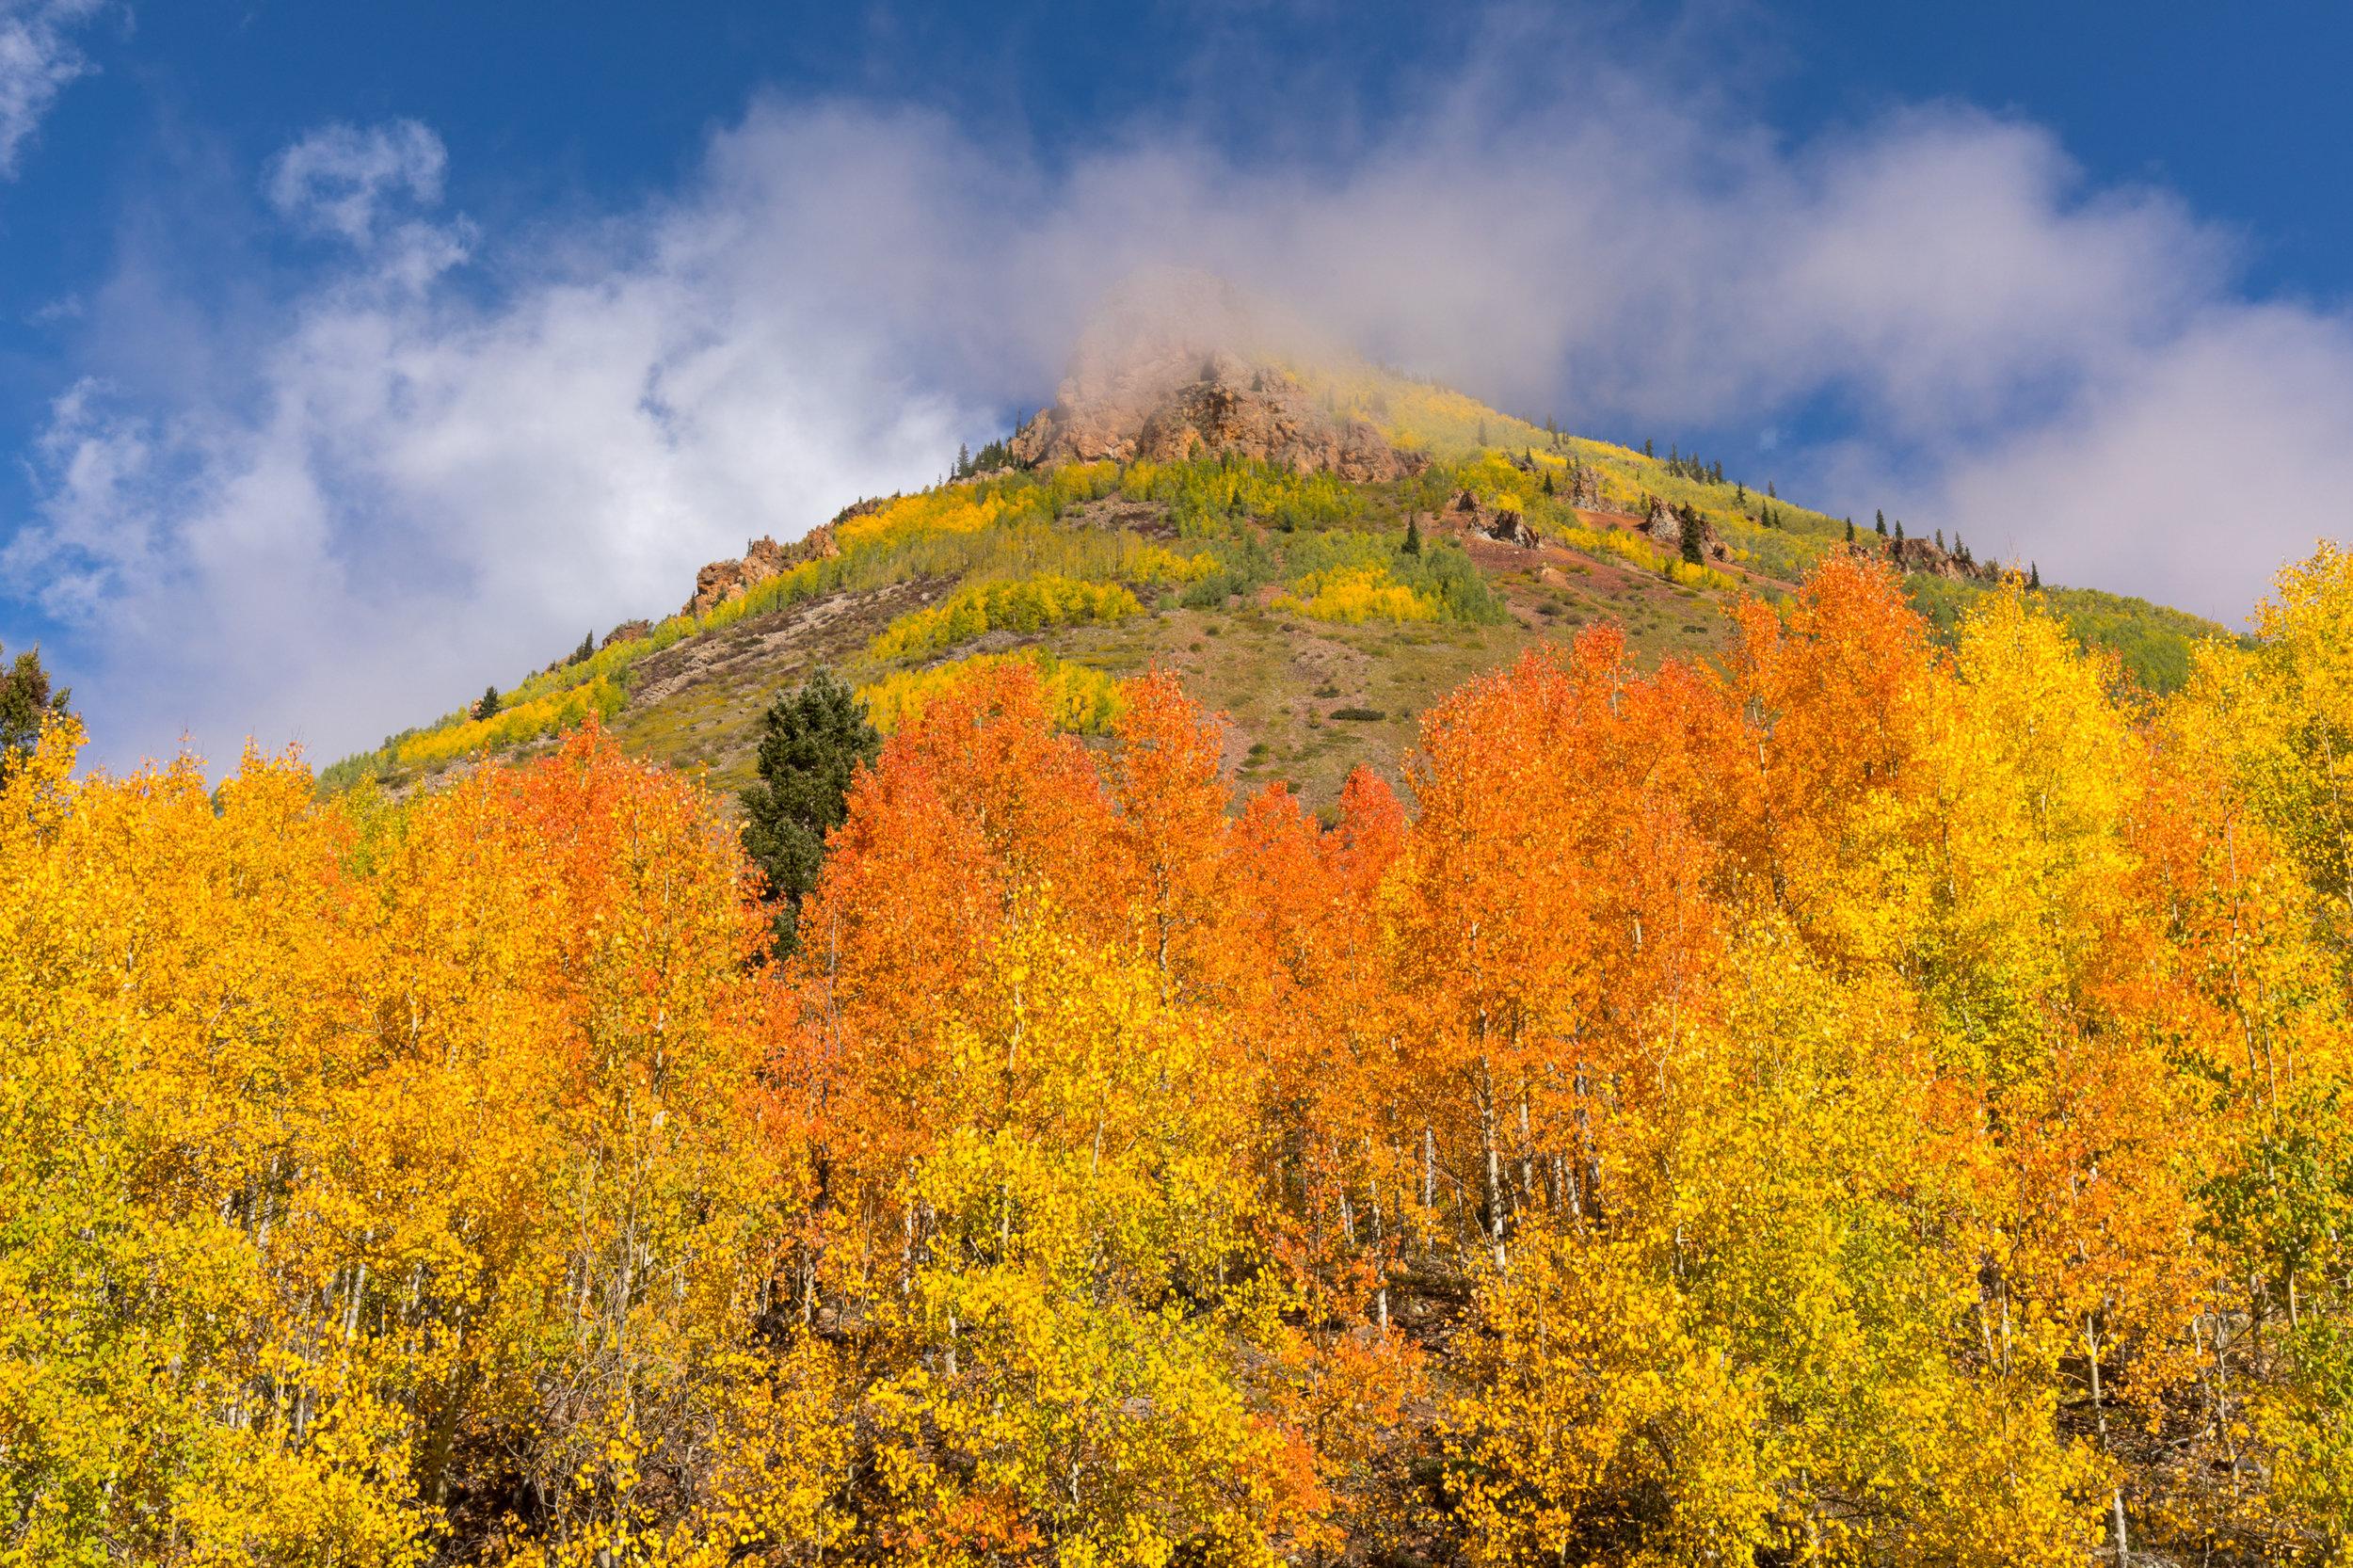 Silverton, Colorado, Image # 0818